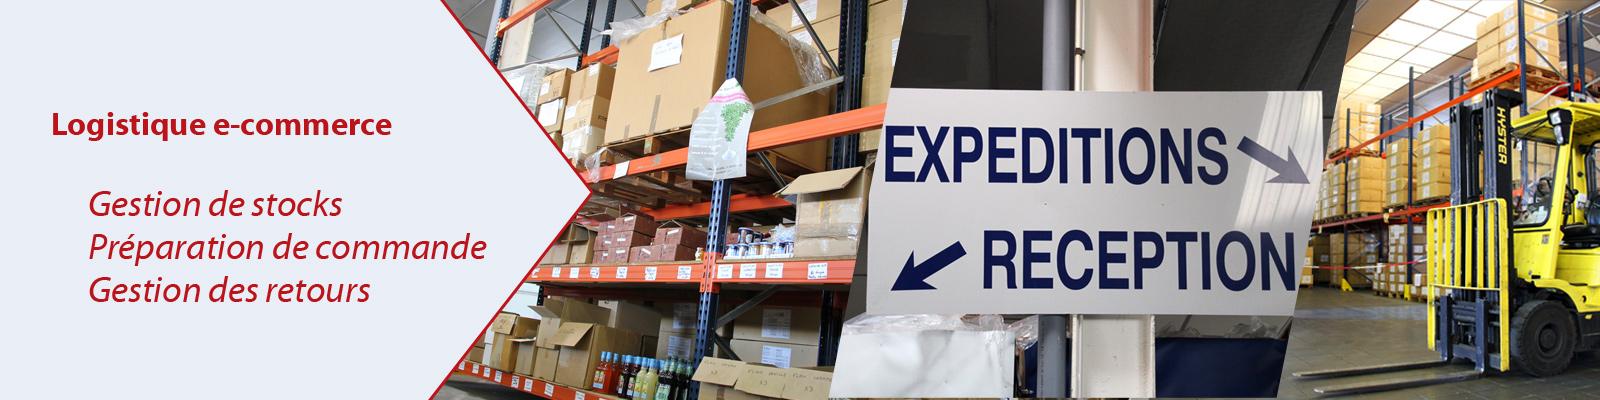 logistique e-commerce le havre